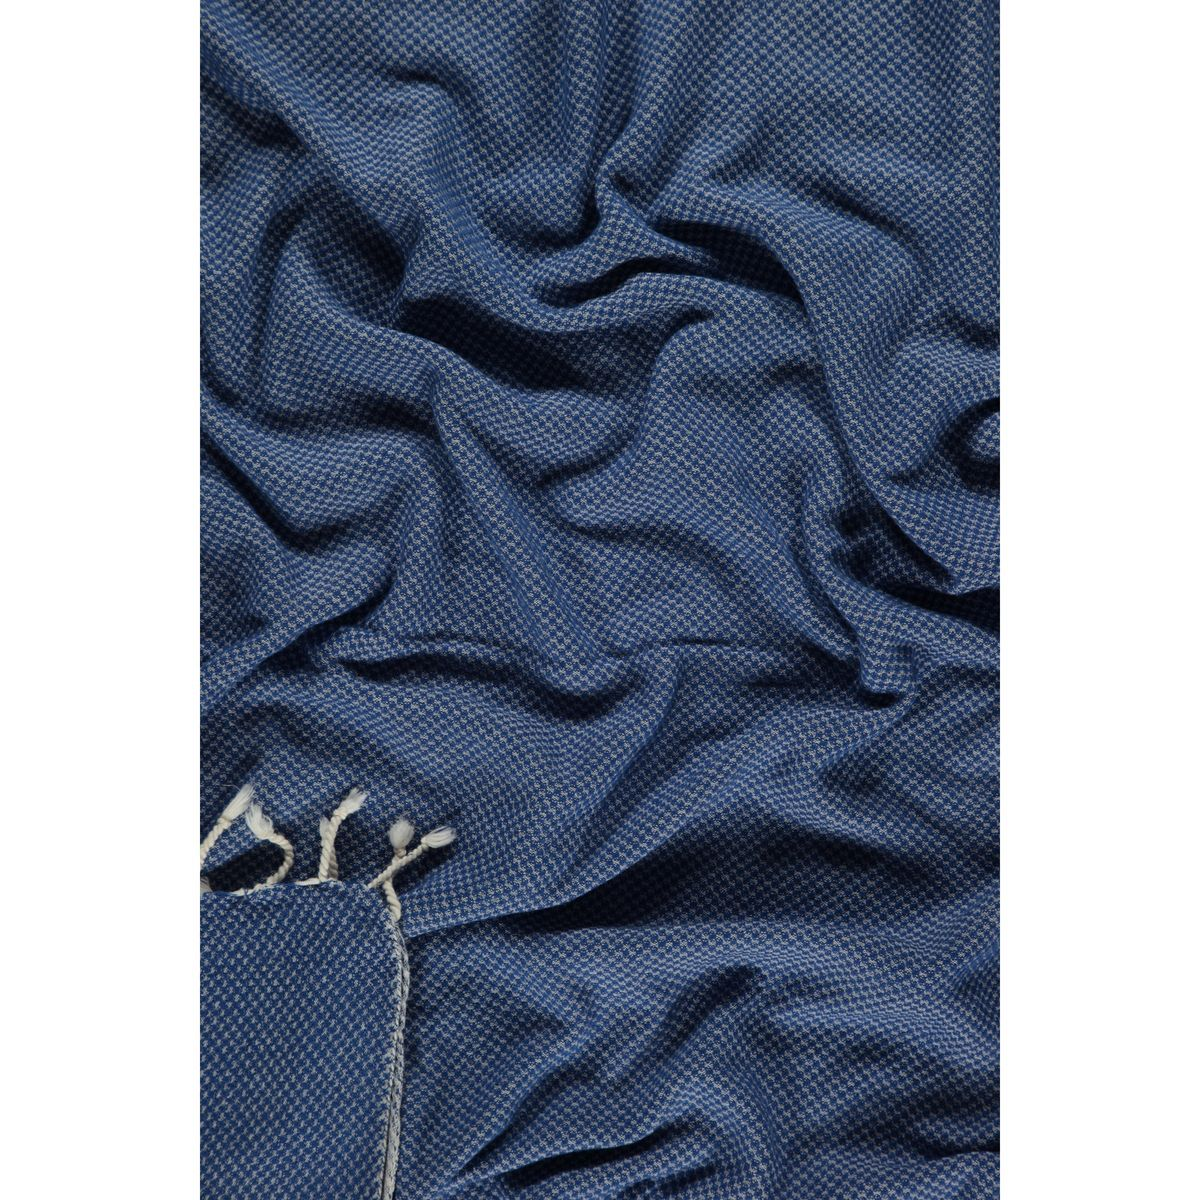 Peshtemal Dama - Royal Blue